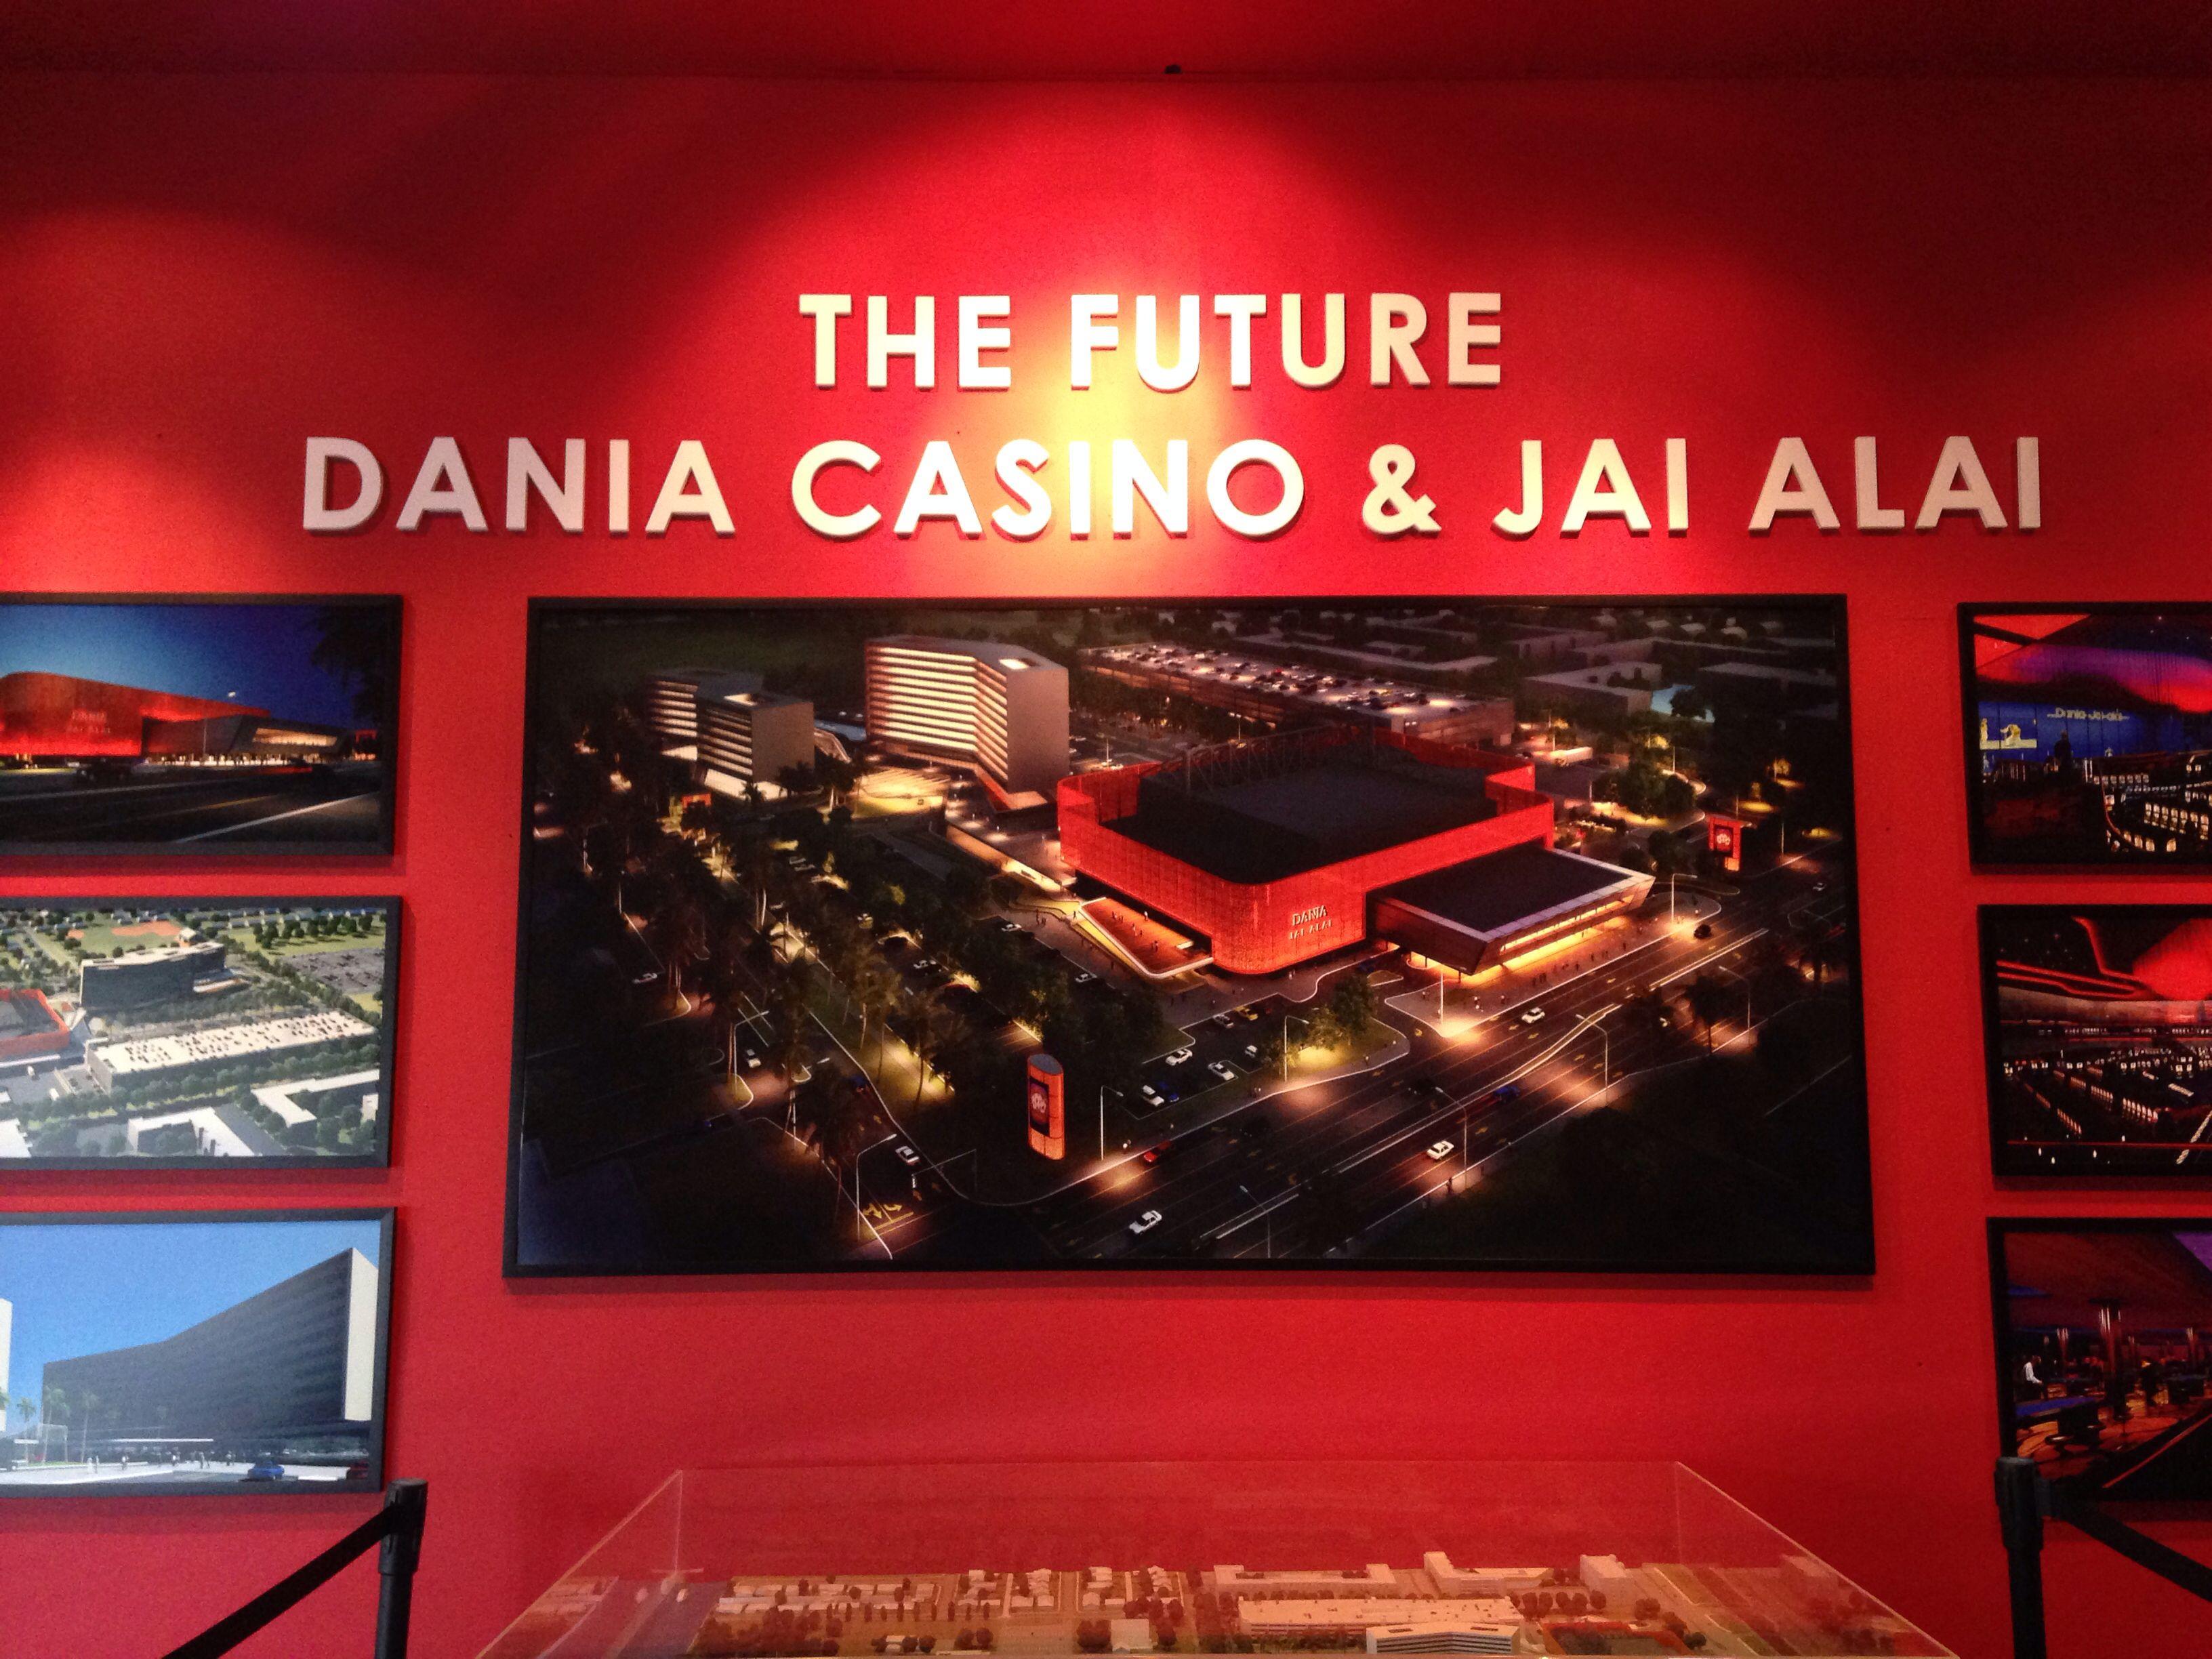 Dania casino aladdin resort casino reviews